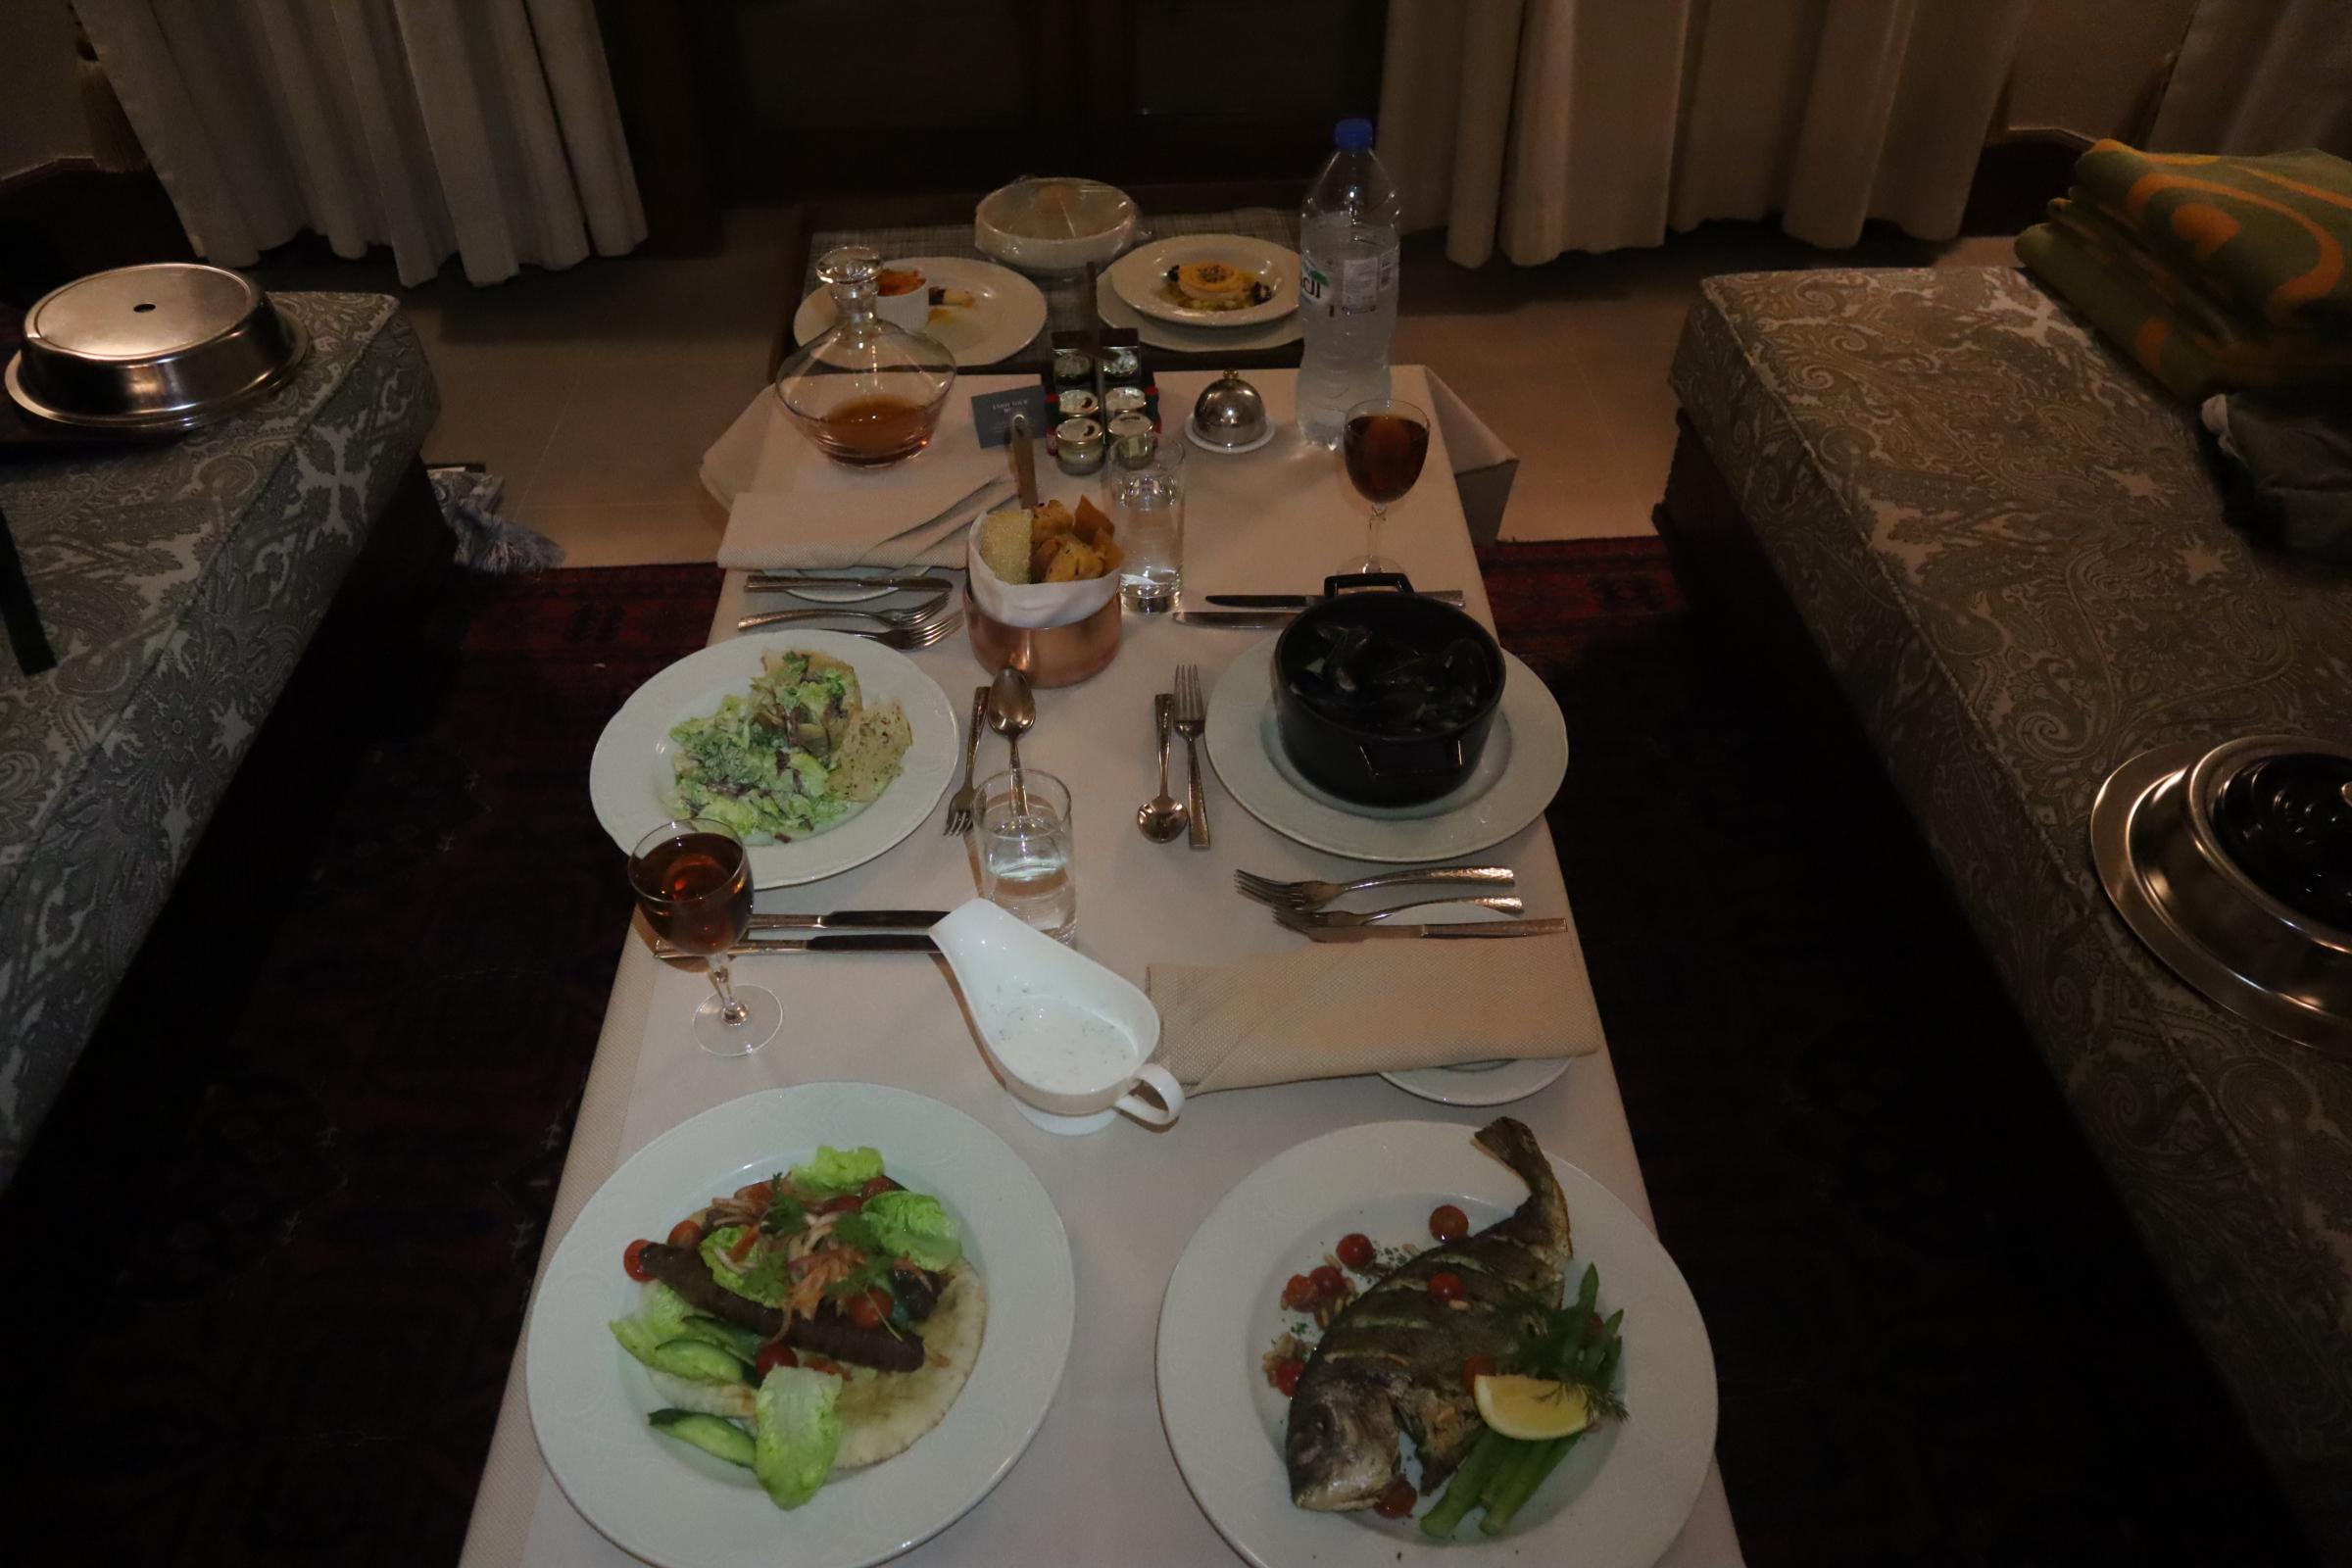 Room service dinner at Al Maha